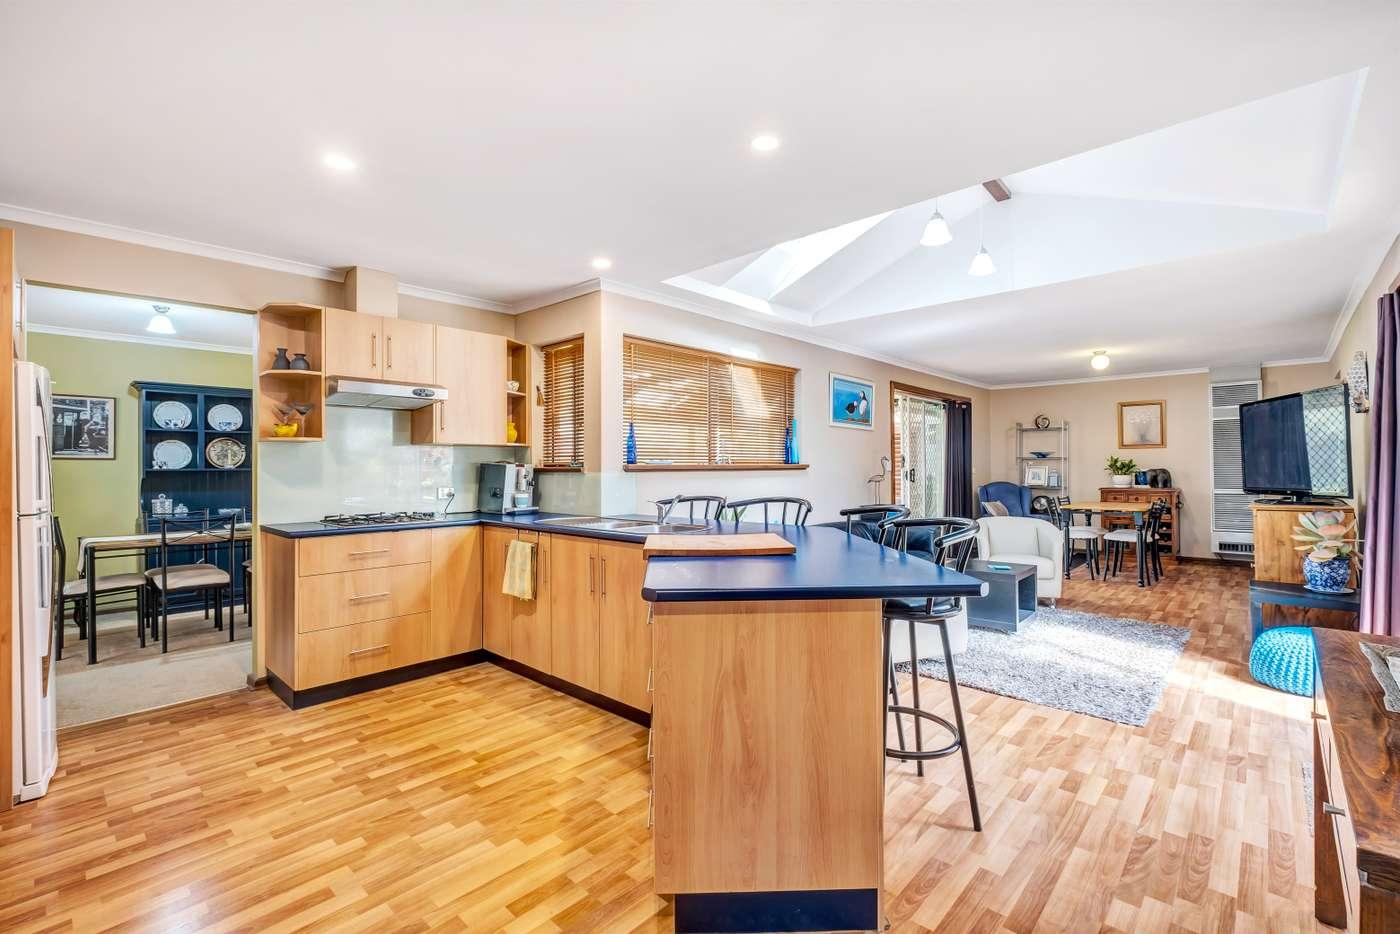 Main view of Homely house listing, 4 Windsor Court, Morphett Vale SA 5162